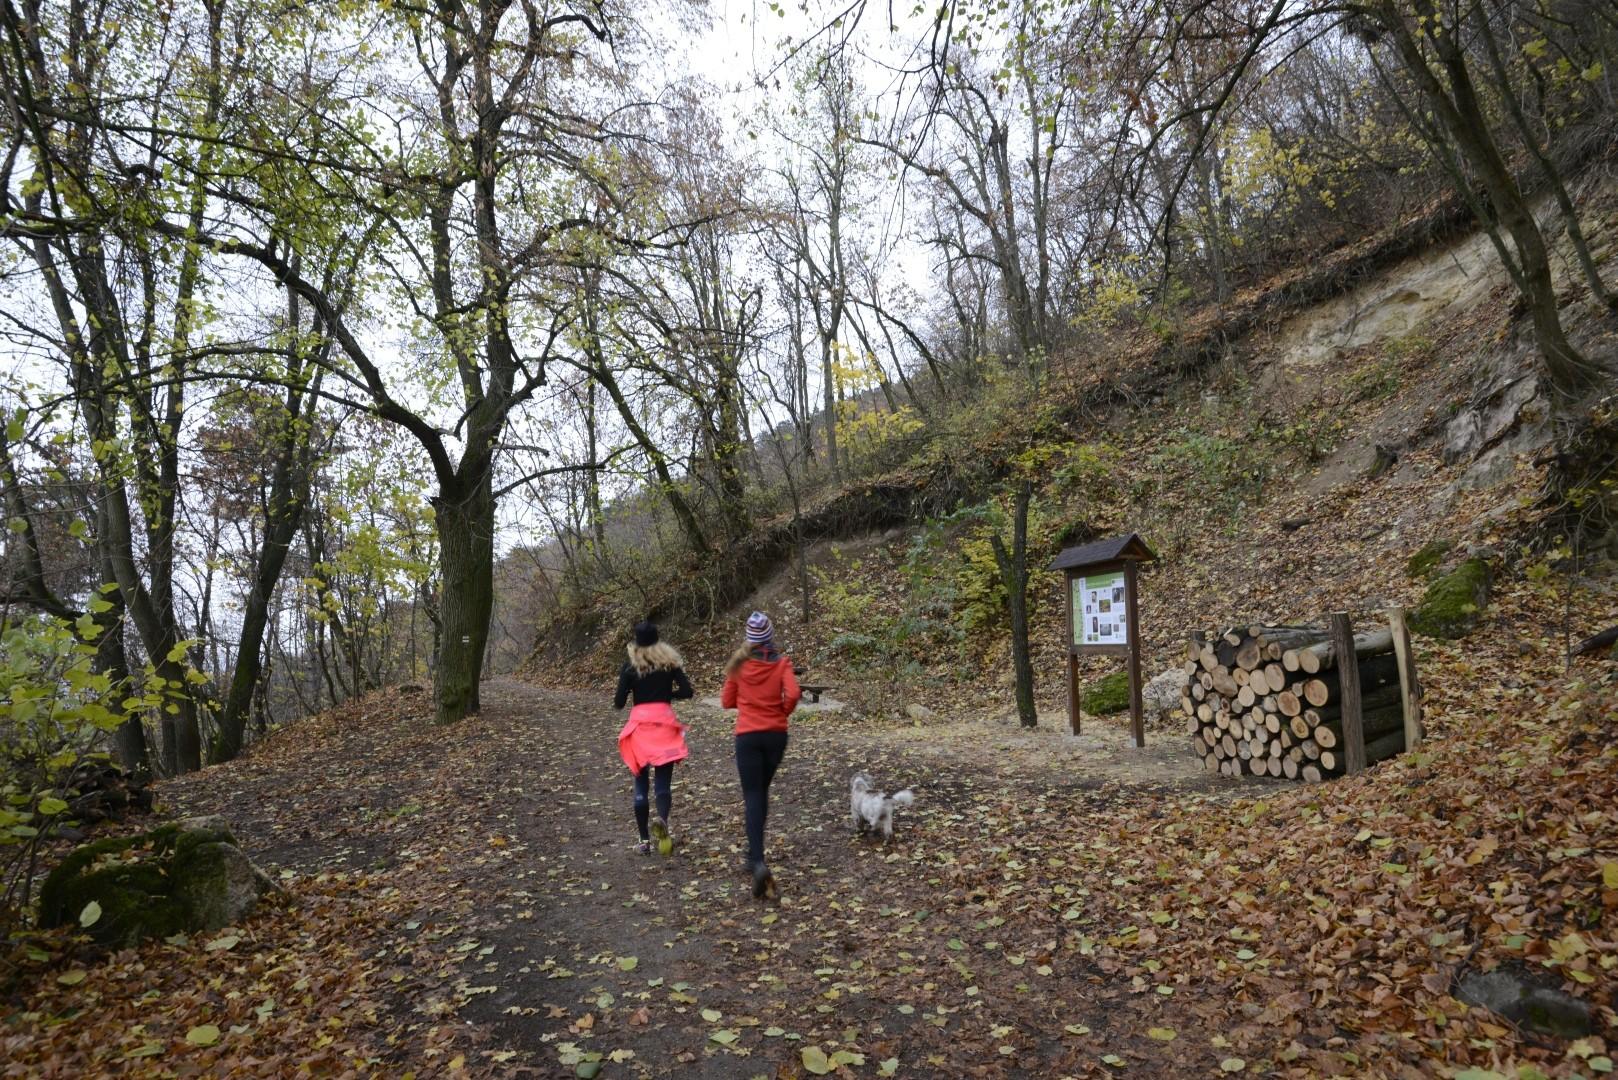 Új attrakciókkal bővült és megszépült Budapest egyik legnépszerűbb sétaútja